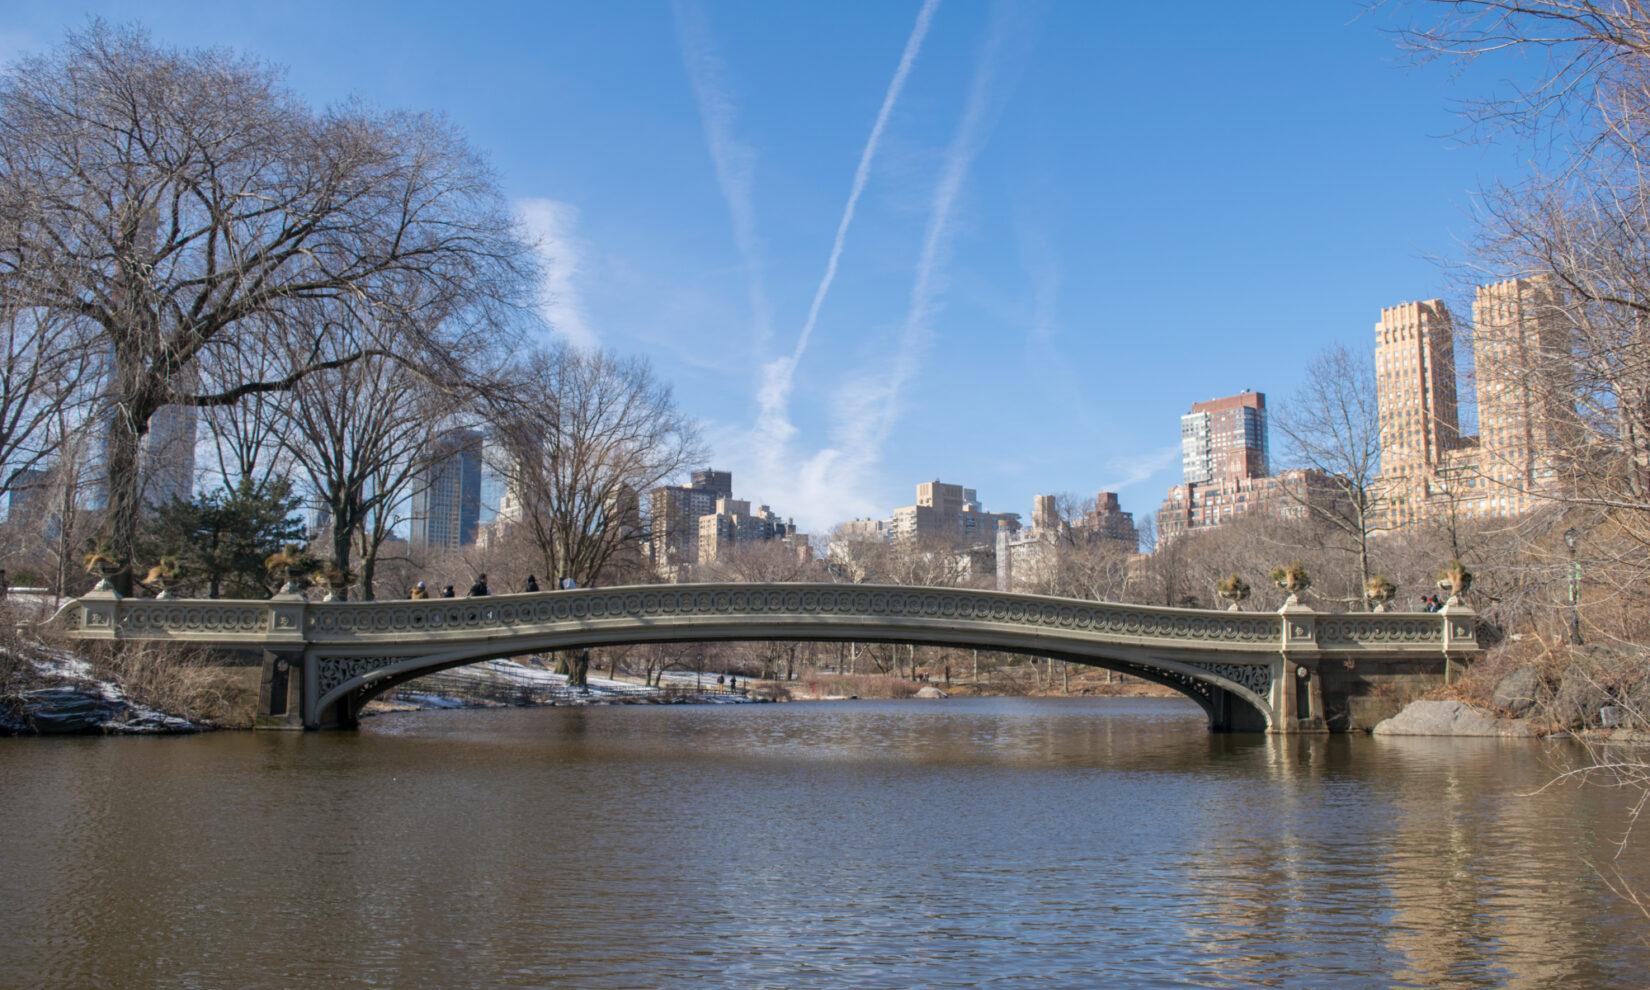 The bridge spans the Lake under a crisp, blue winter sky.